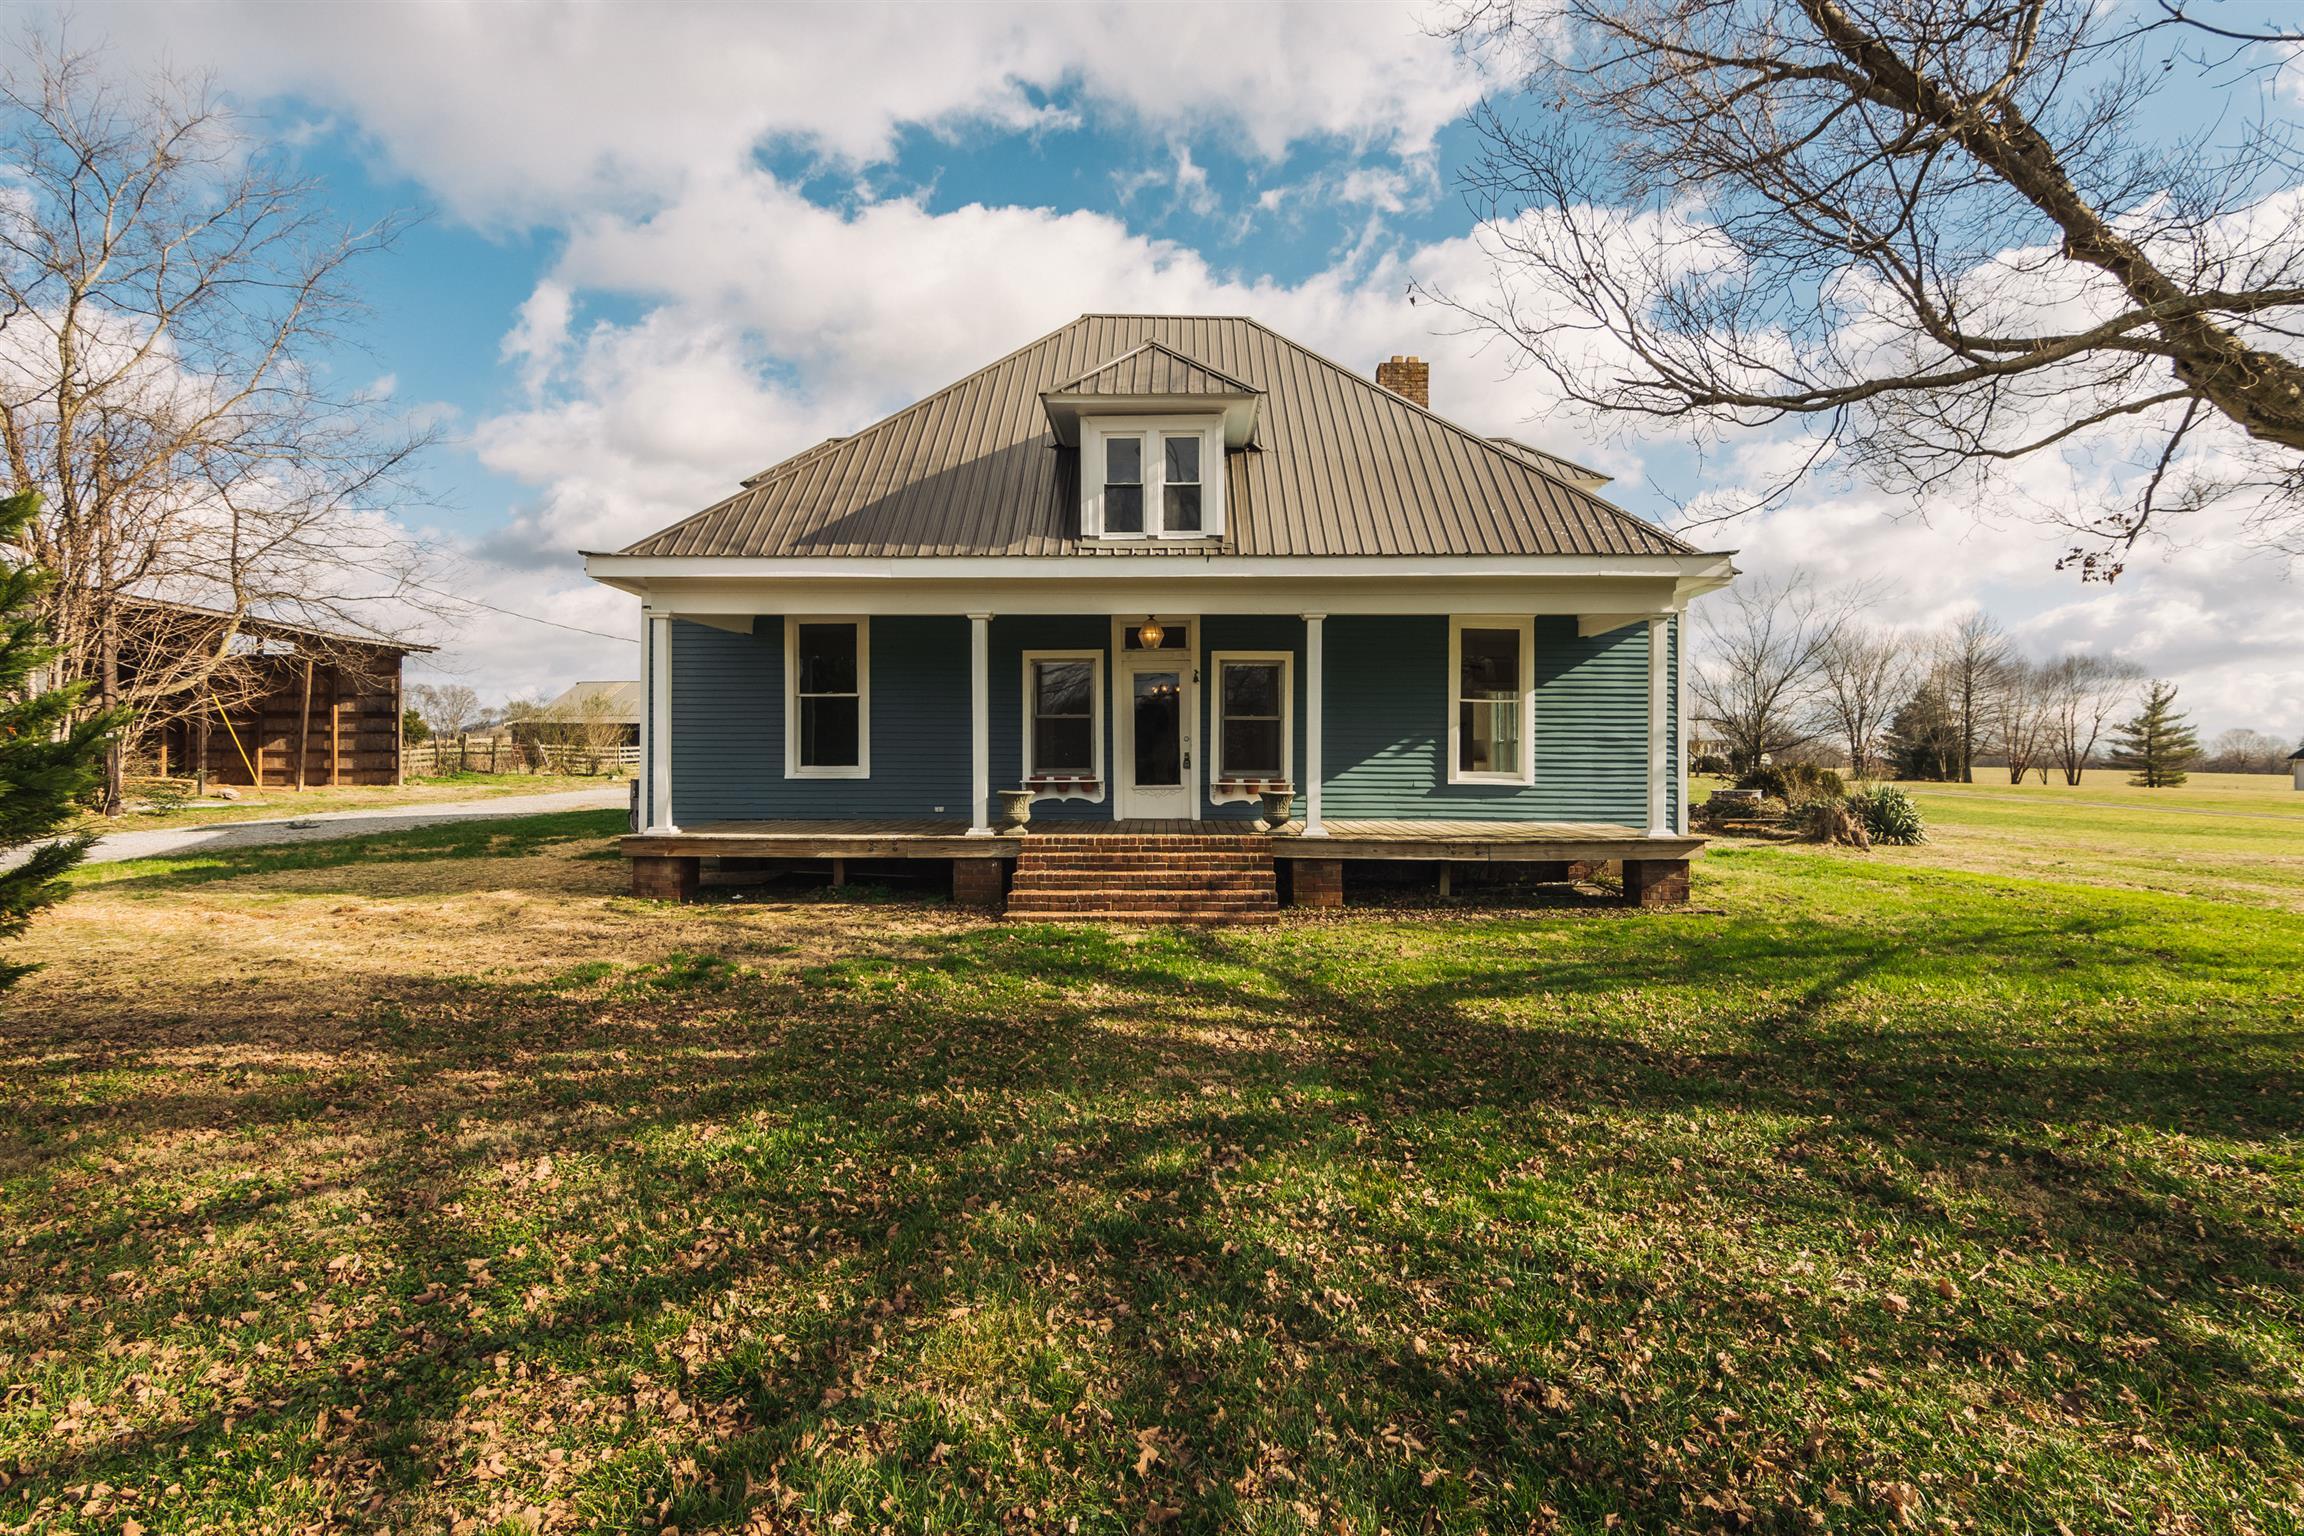 1850 Hwy 25 W, Gallatin, Tennessee